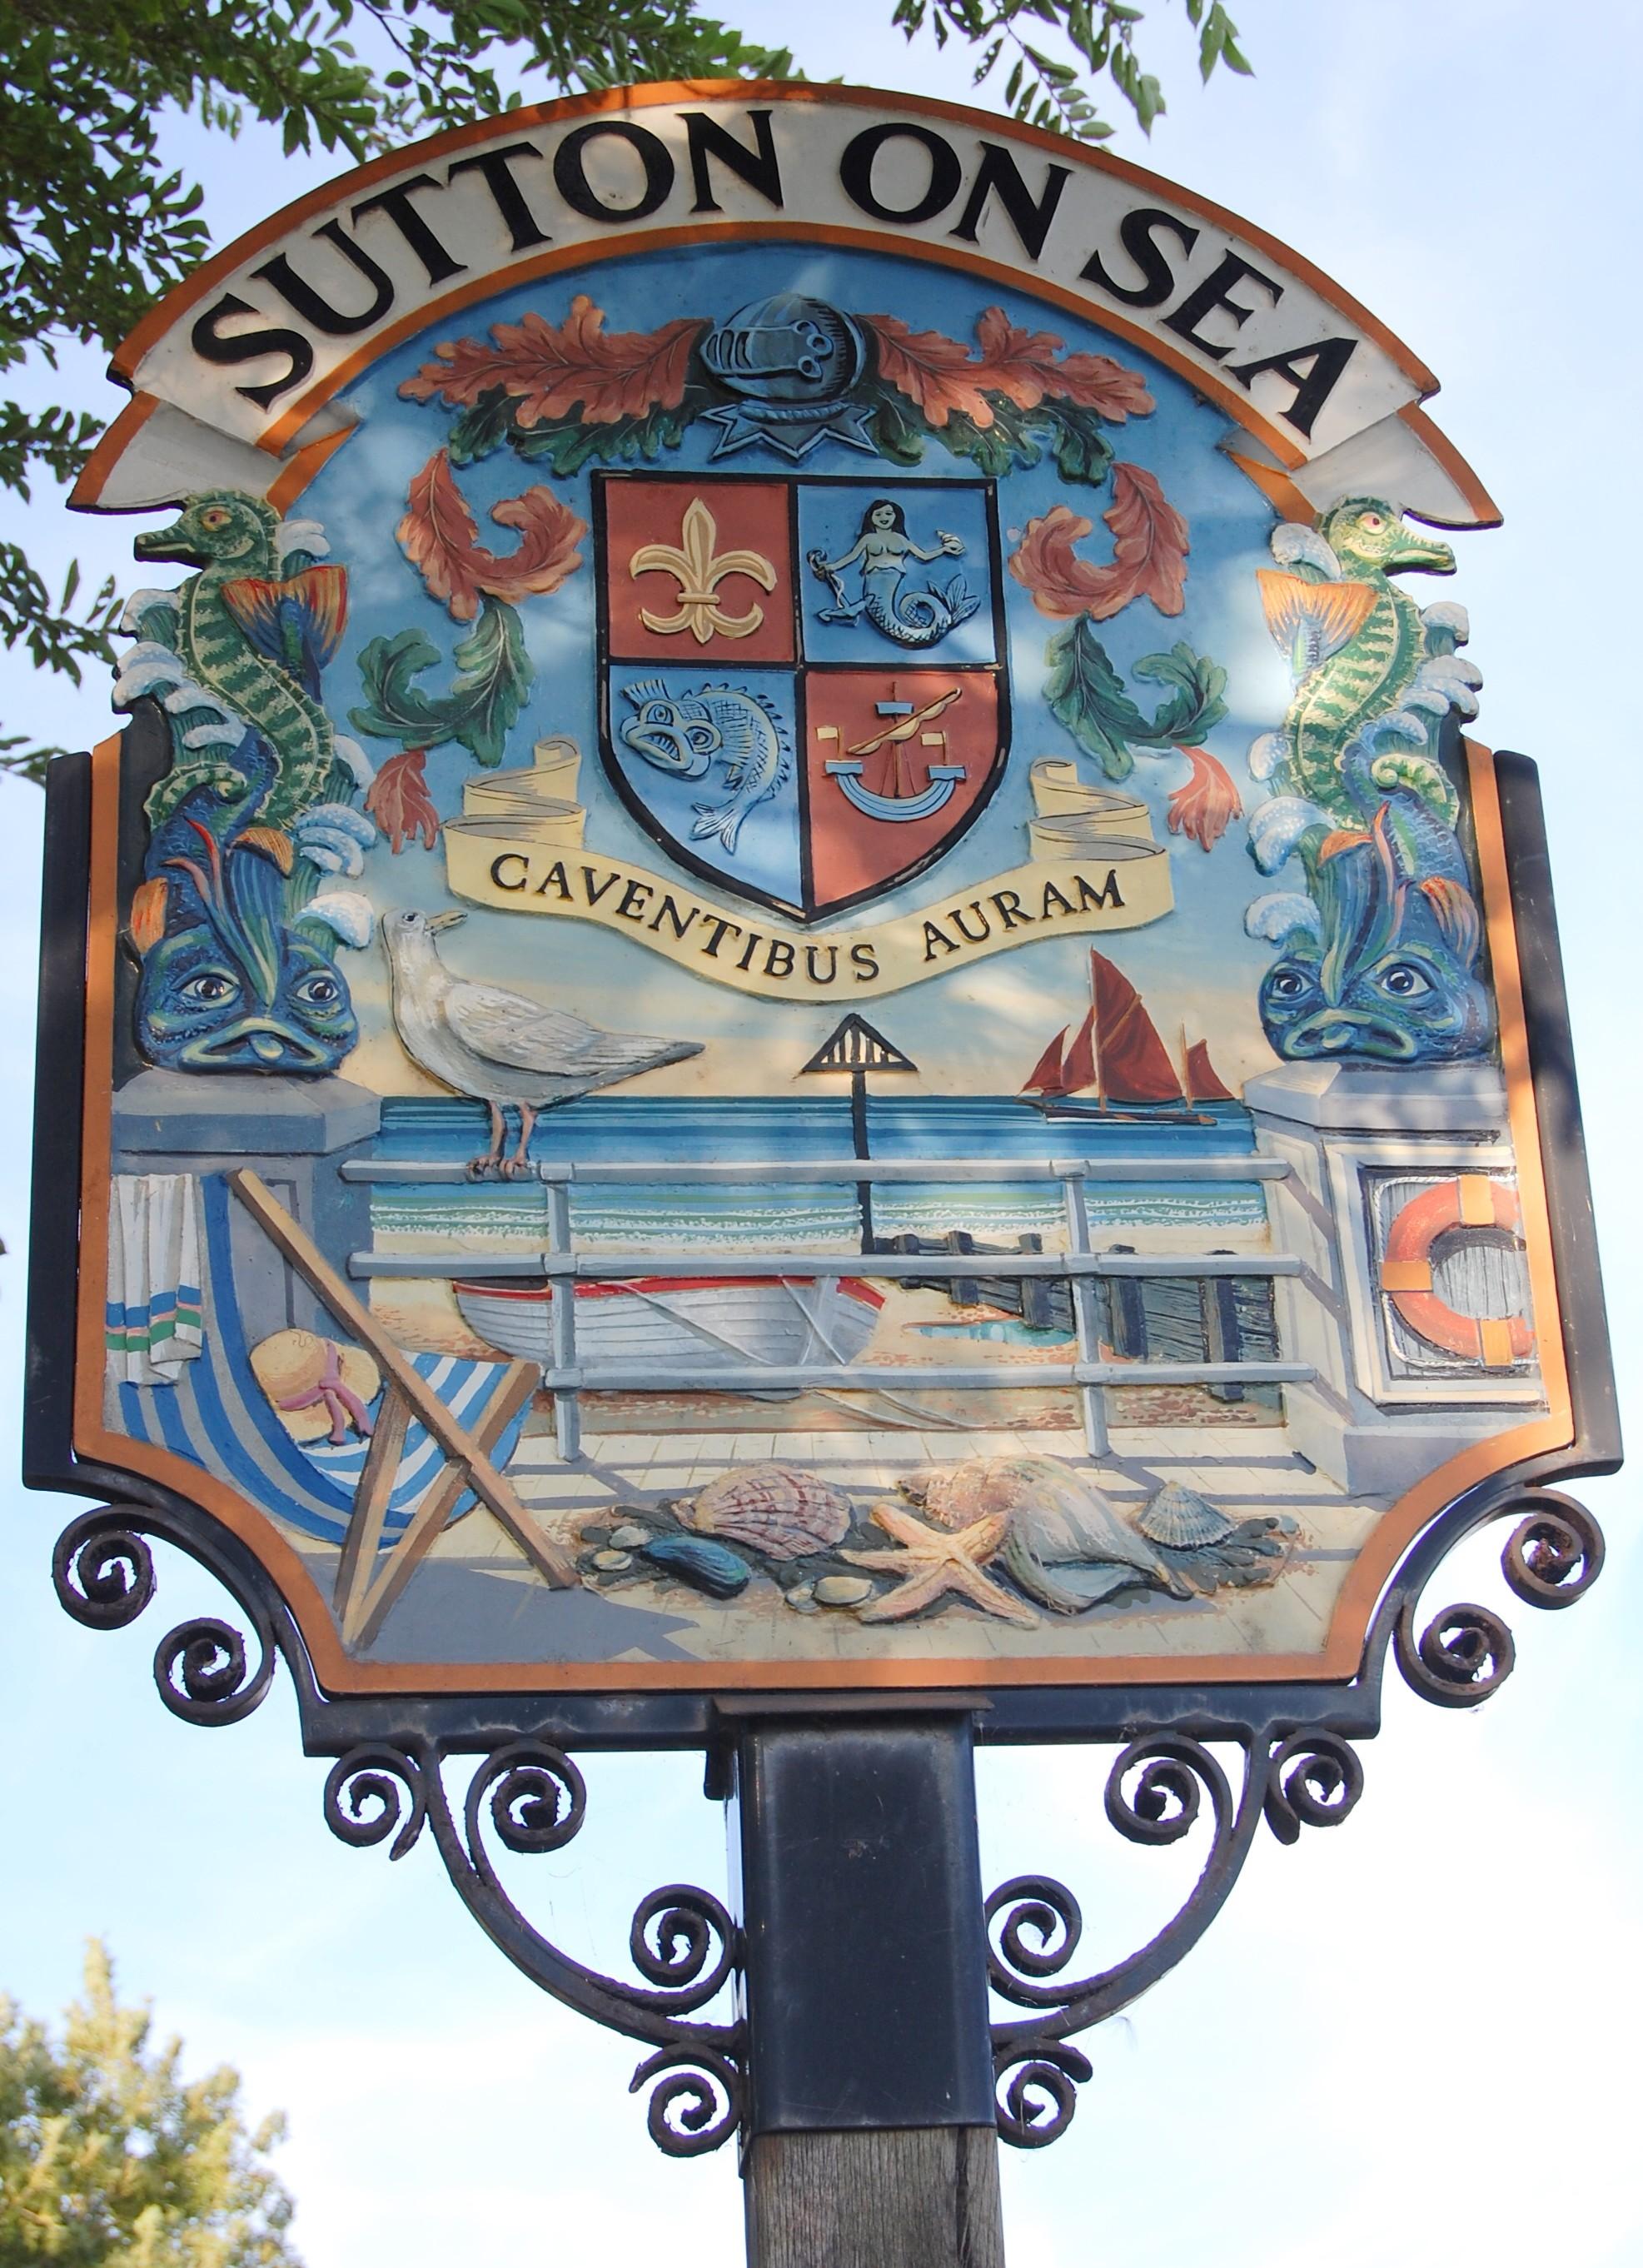 Sutton on Sea village sign